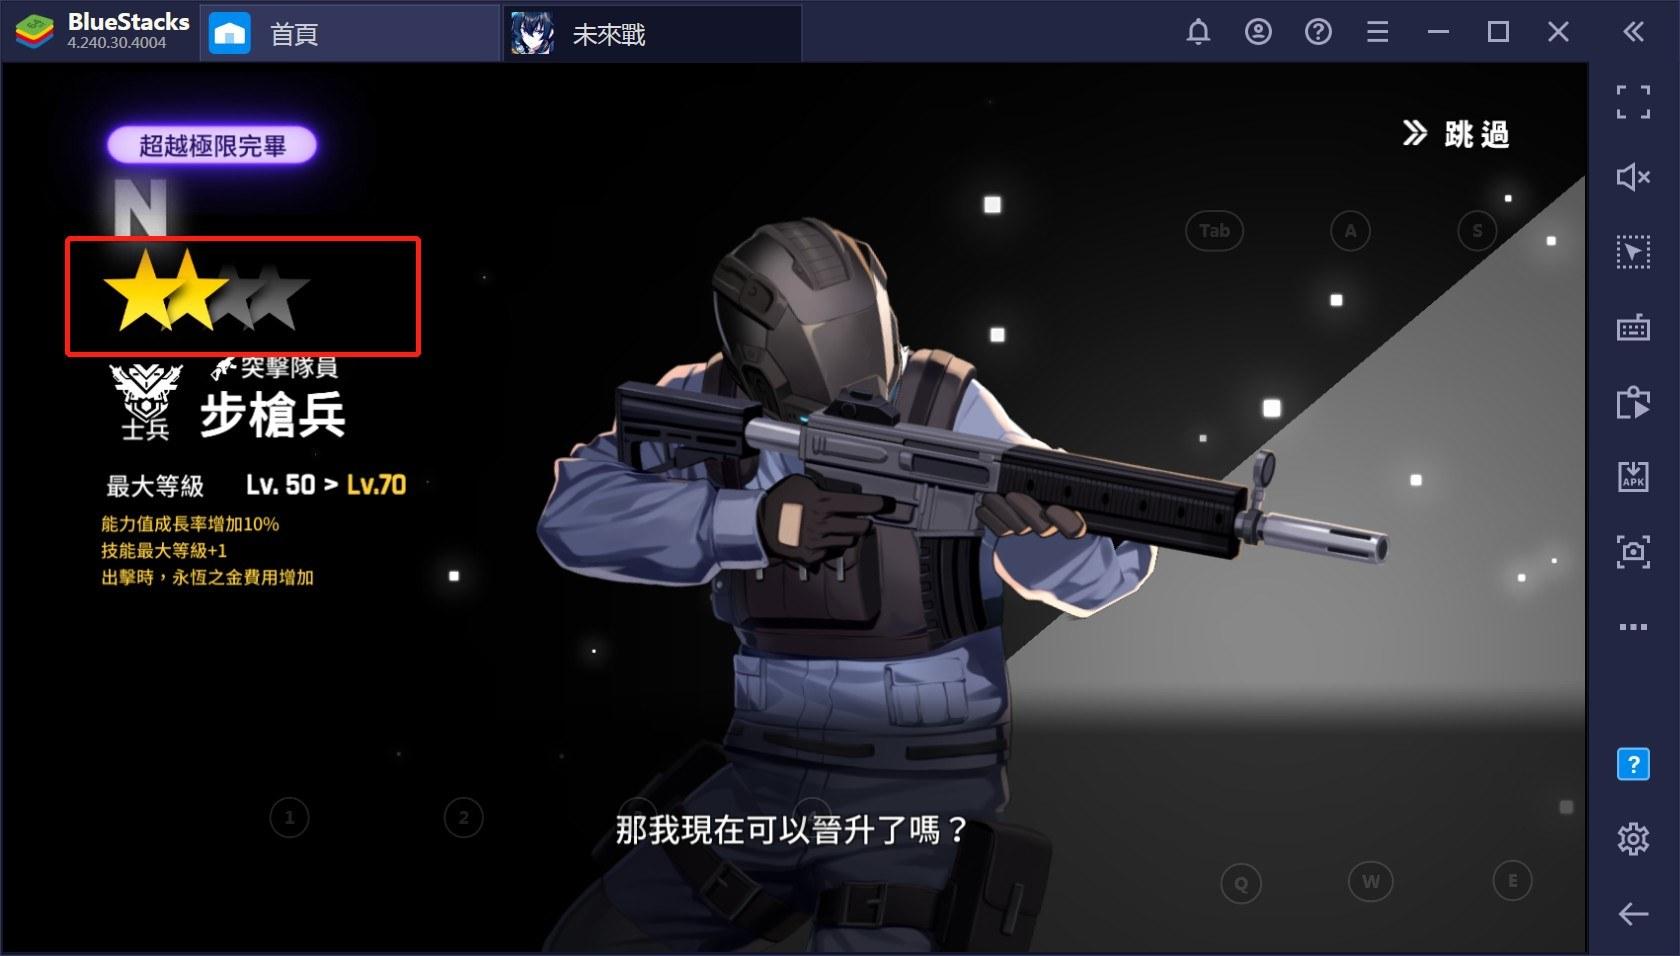 使用BlueStacks在PC上遊玩科幻動漫戰略塔防手遊《未來戰》